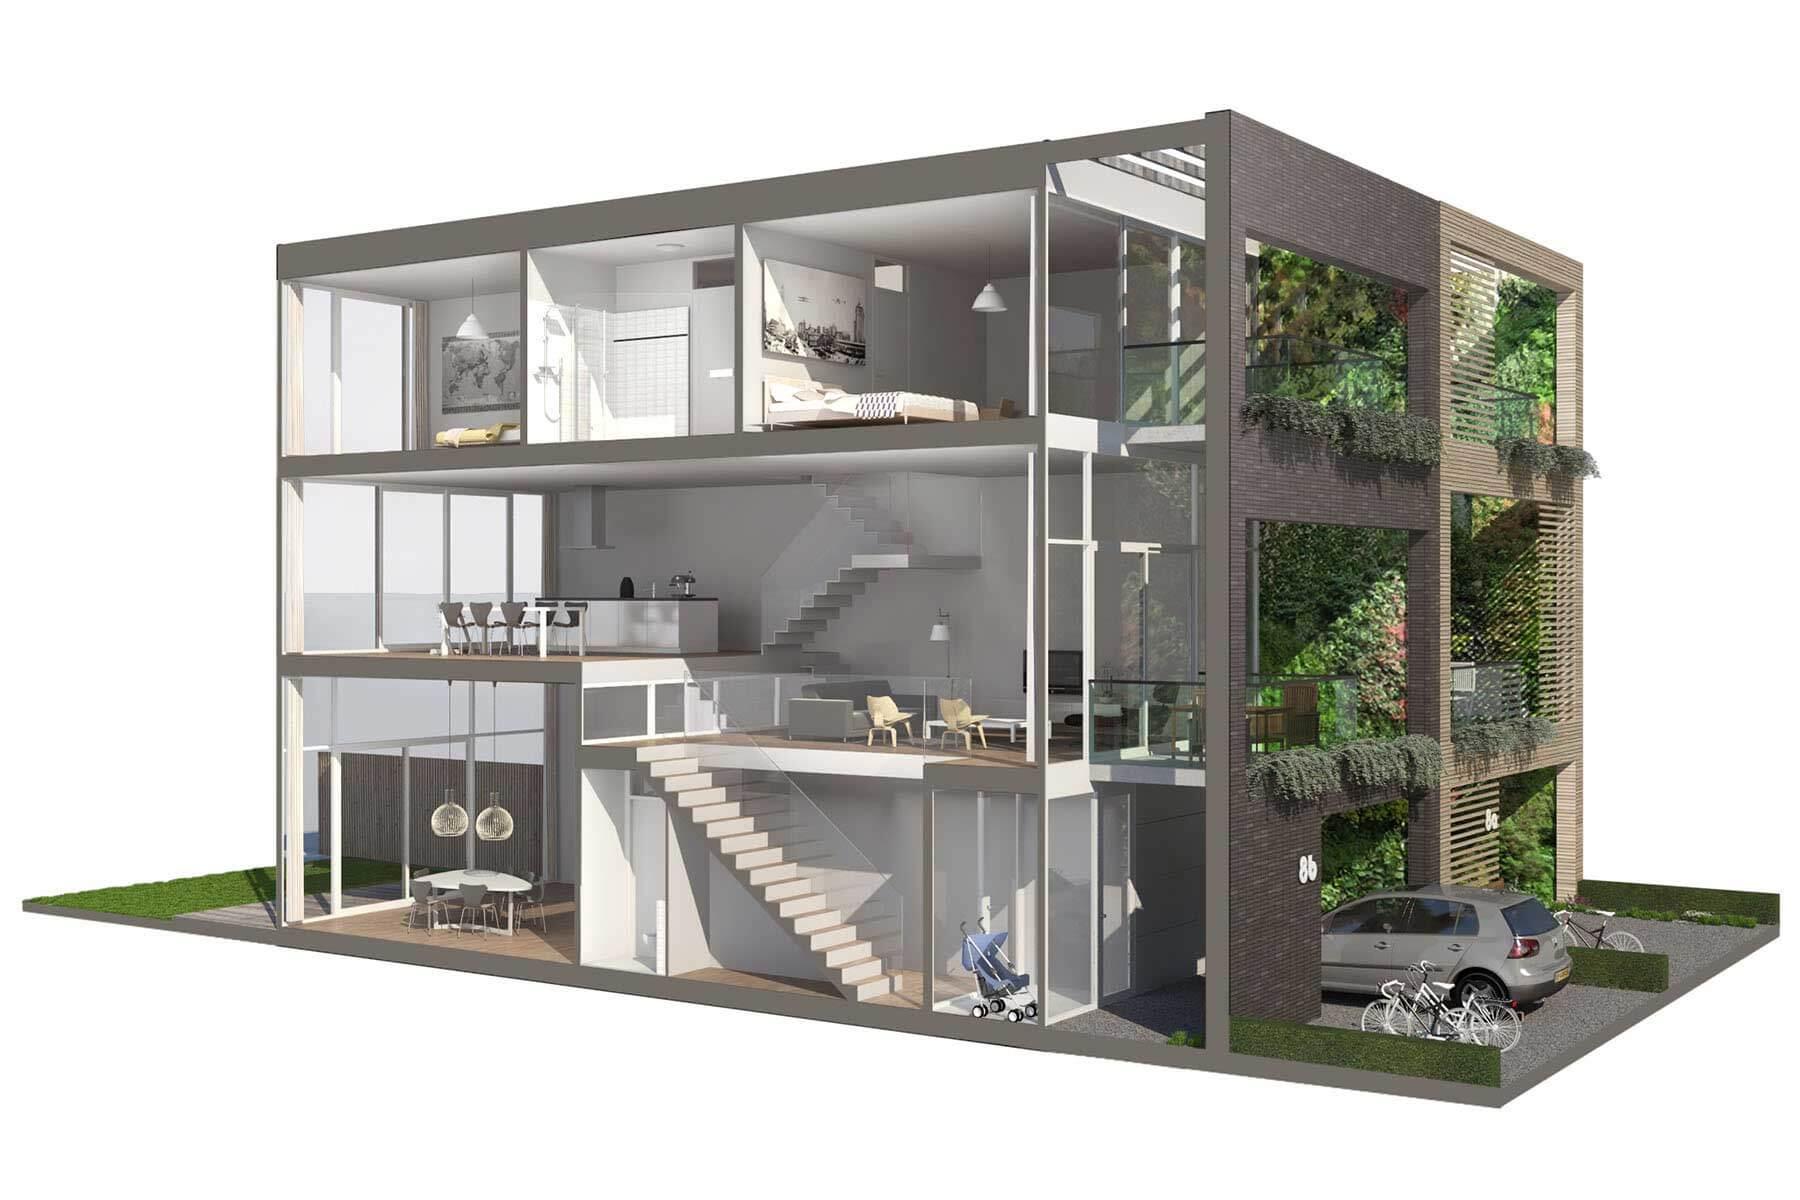 8A Architecten - zelfbouw woning met split level, IJburg Blok 59, Amsterdam